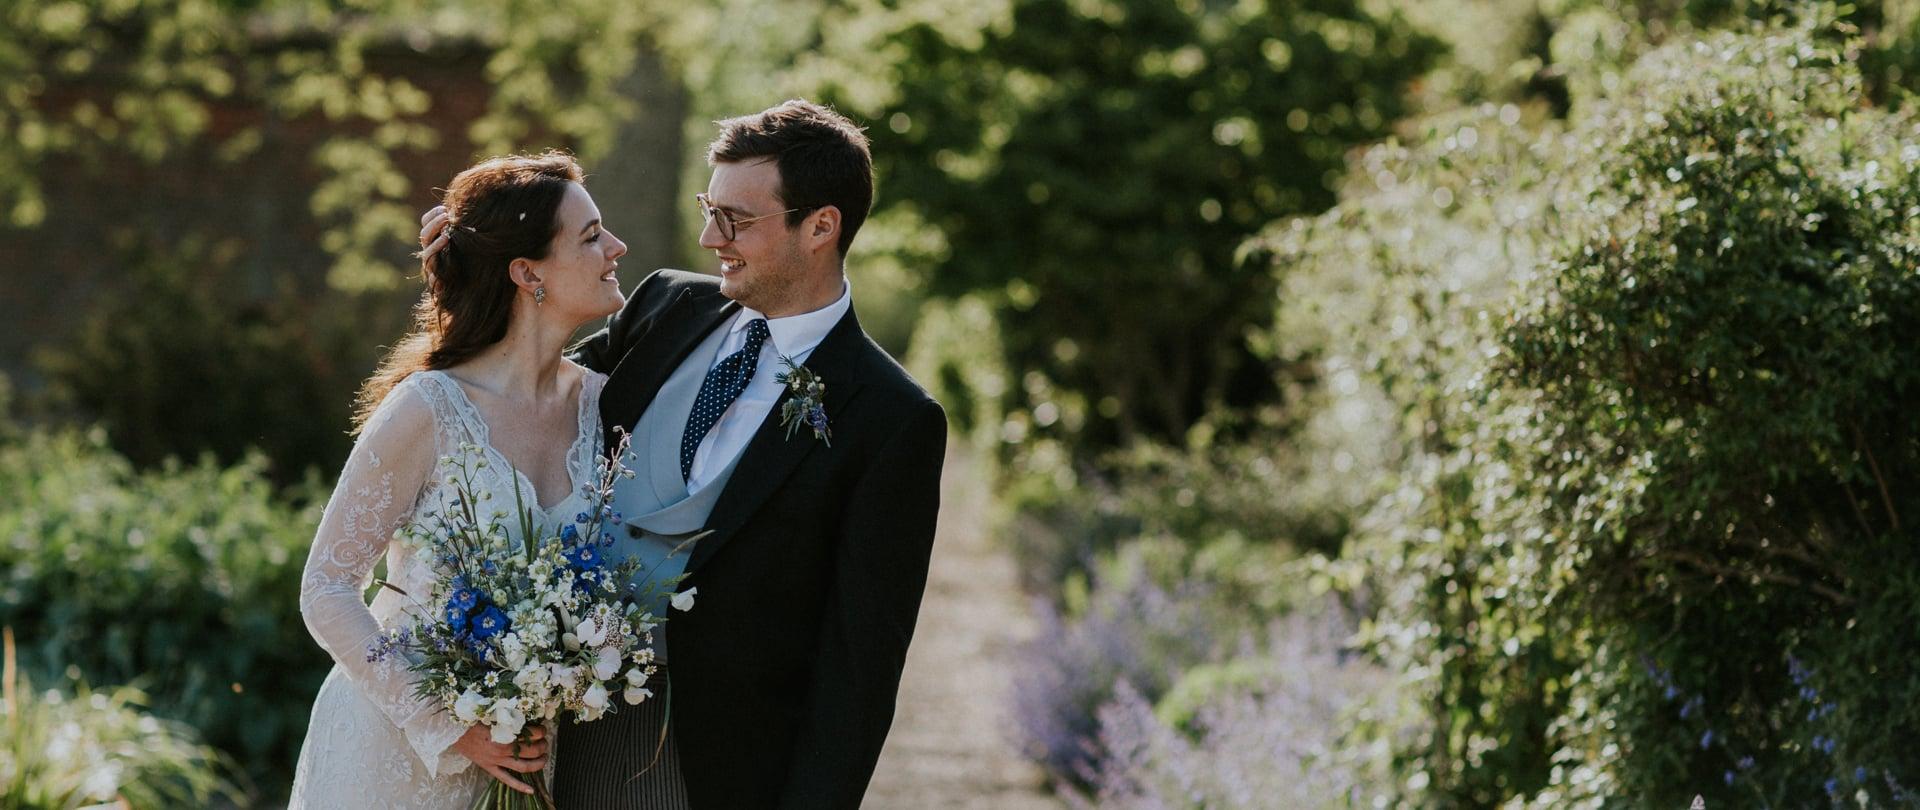 Marina & Jack Wedding Video Filmed at Norfolk, England